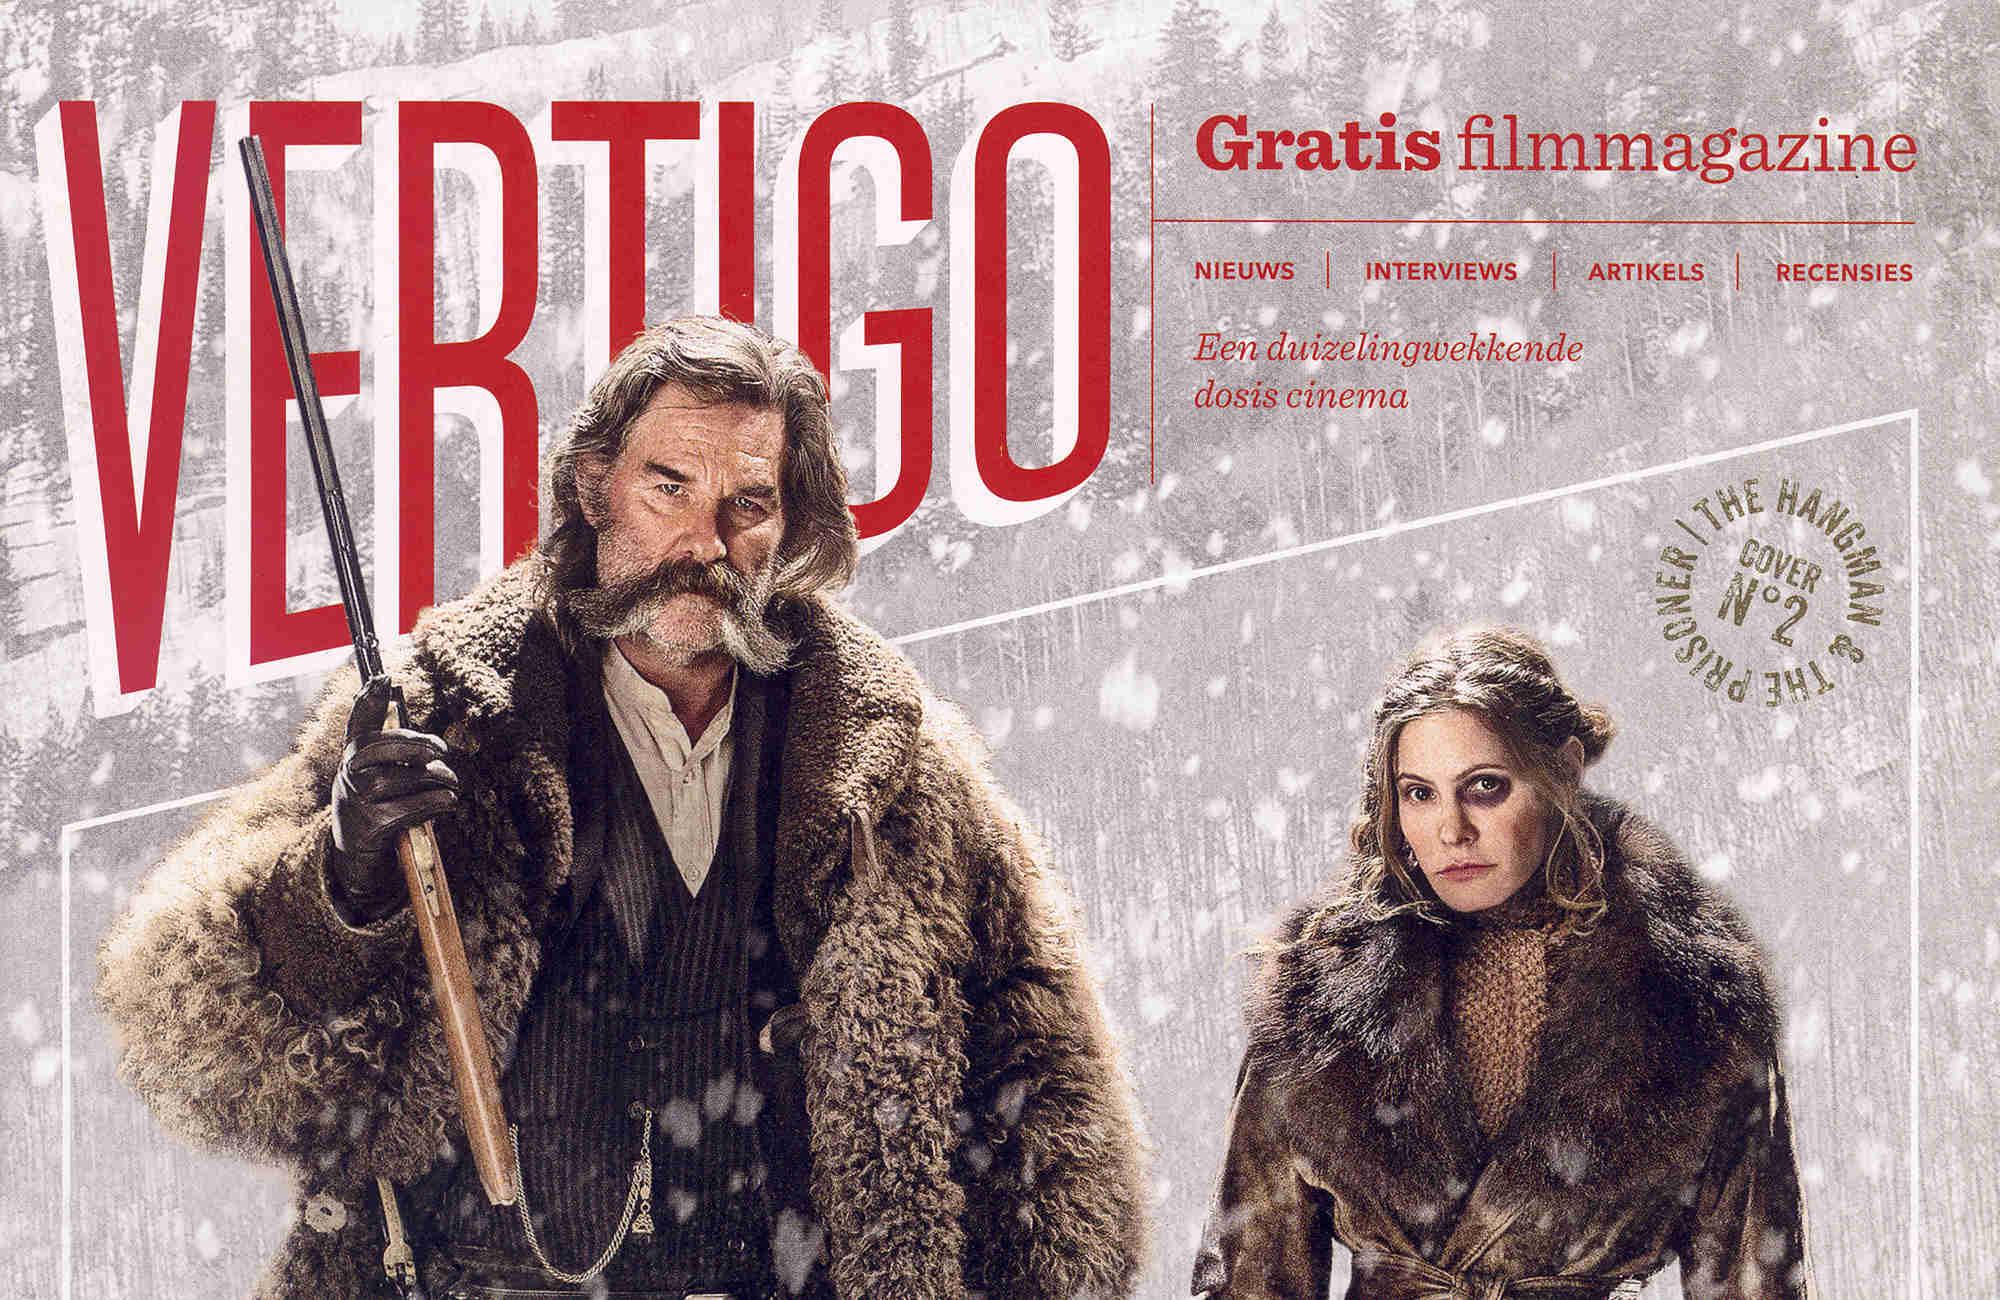 The Vertigo Eight